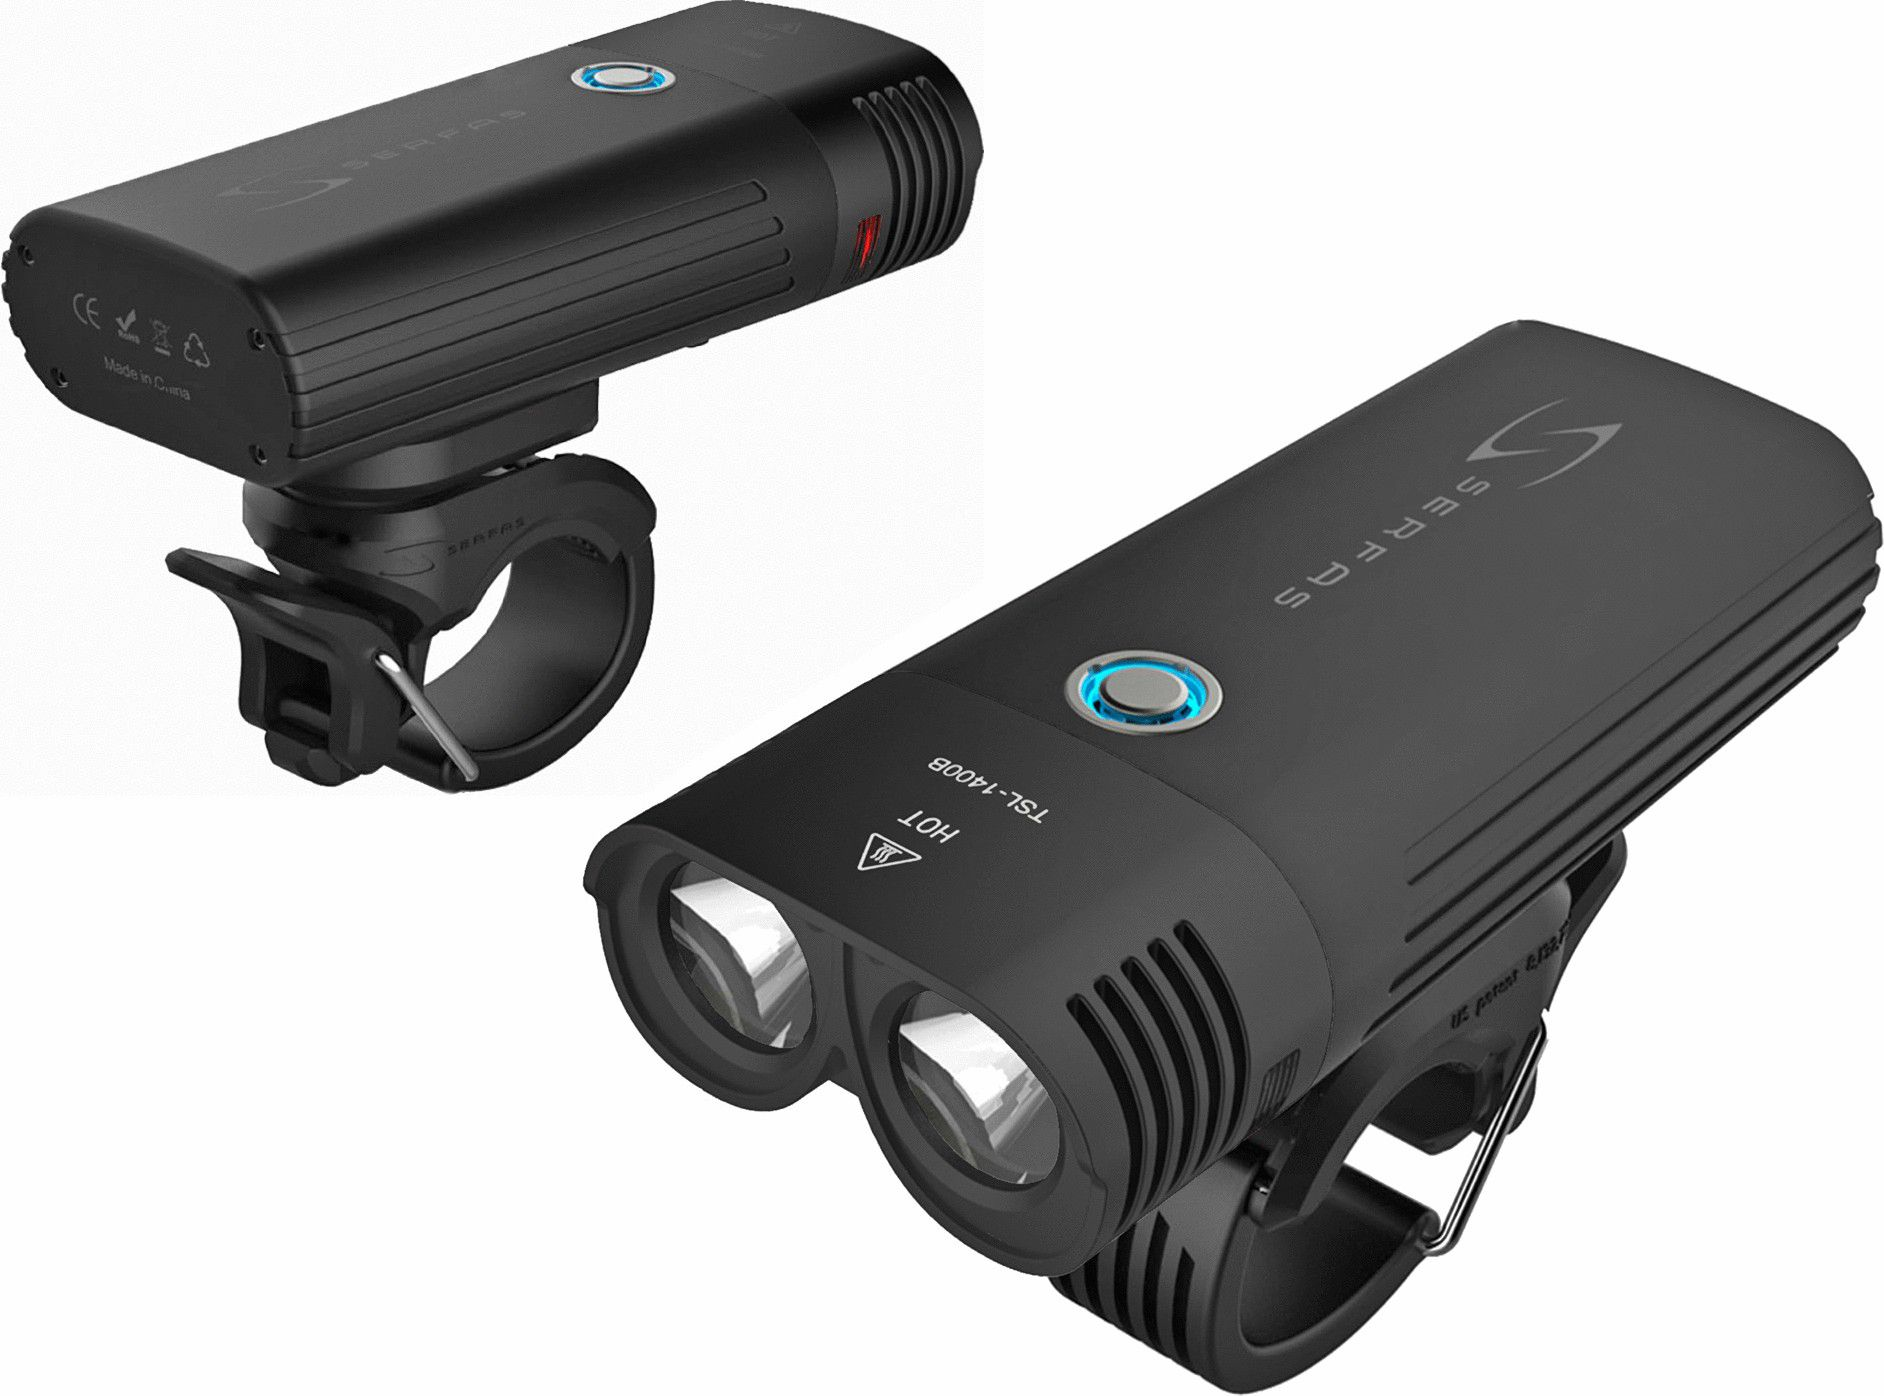 Farol para bicicleta Serfas E-Lume 1200 Lumens USB Led